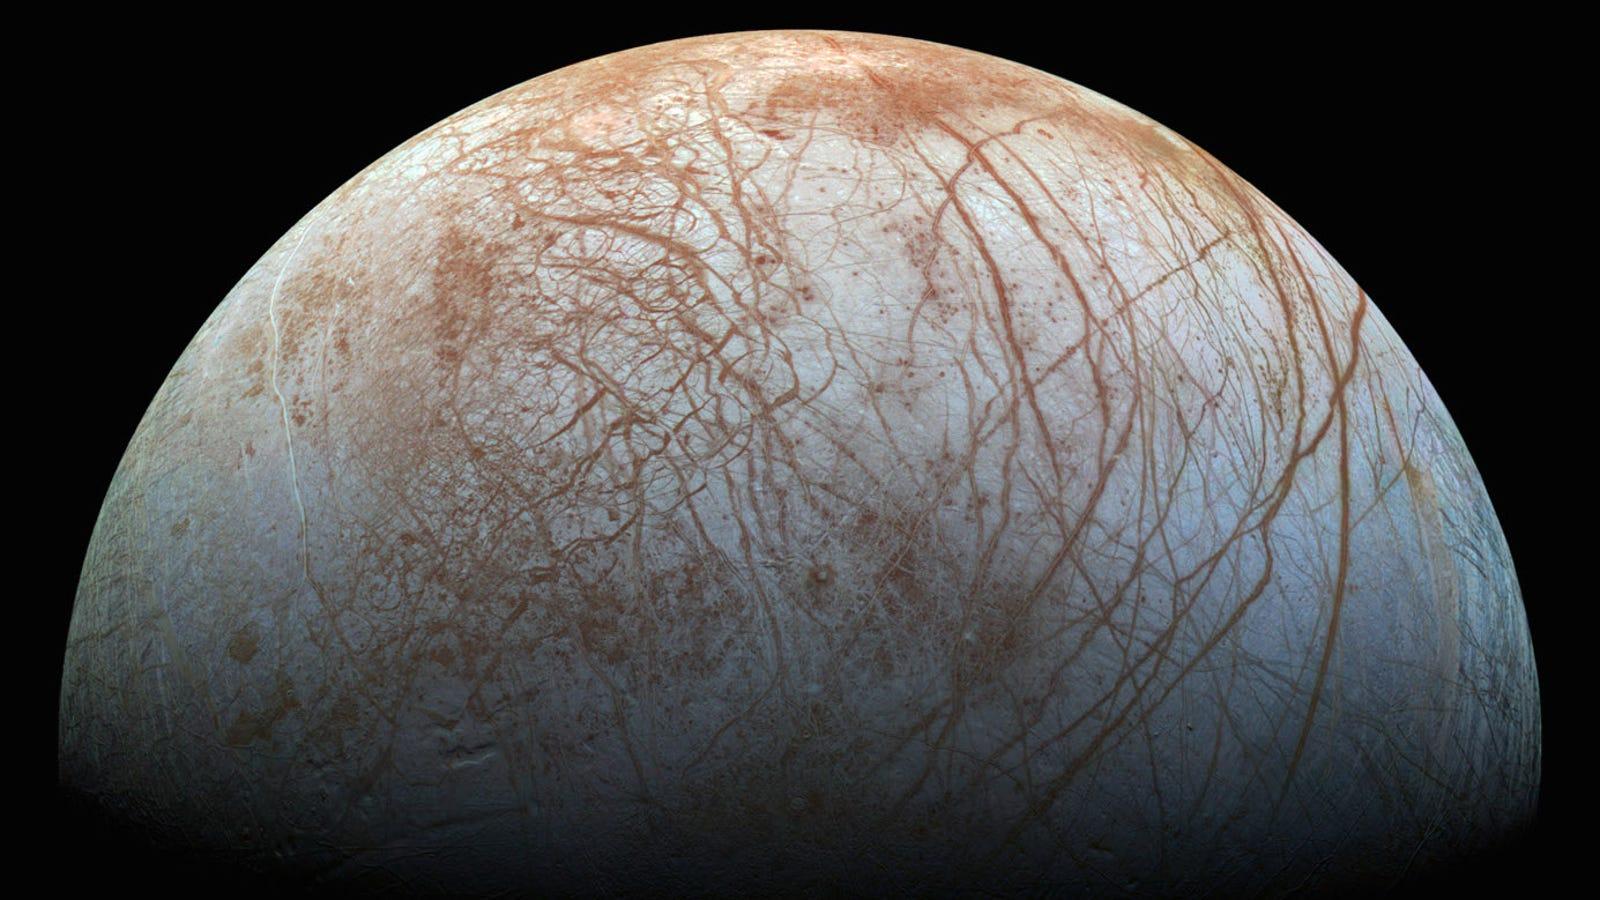 Contempla Europa, la luna de Júpiter, en la imagen de mayor resolución